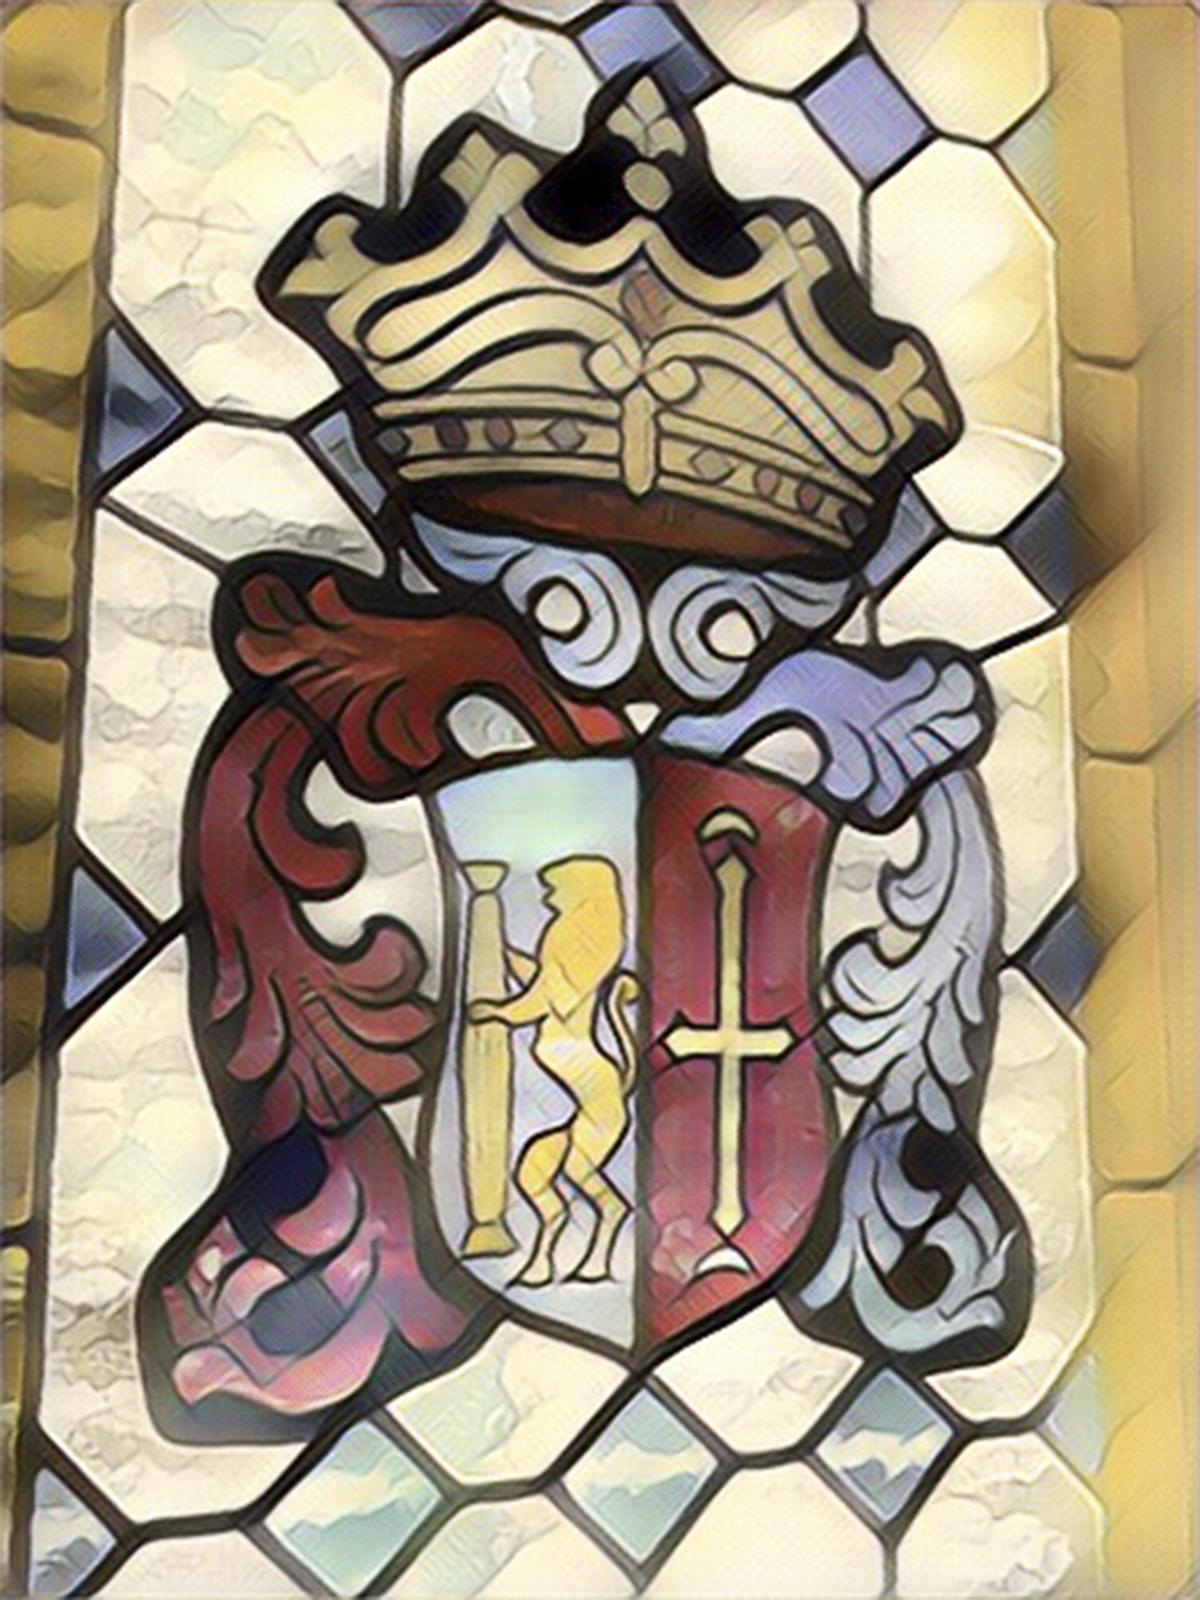 Escudo de Guareña en una de las vidrieras de la ventana